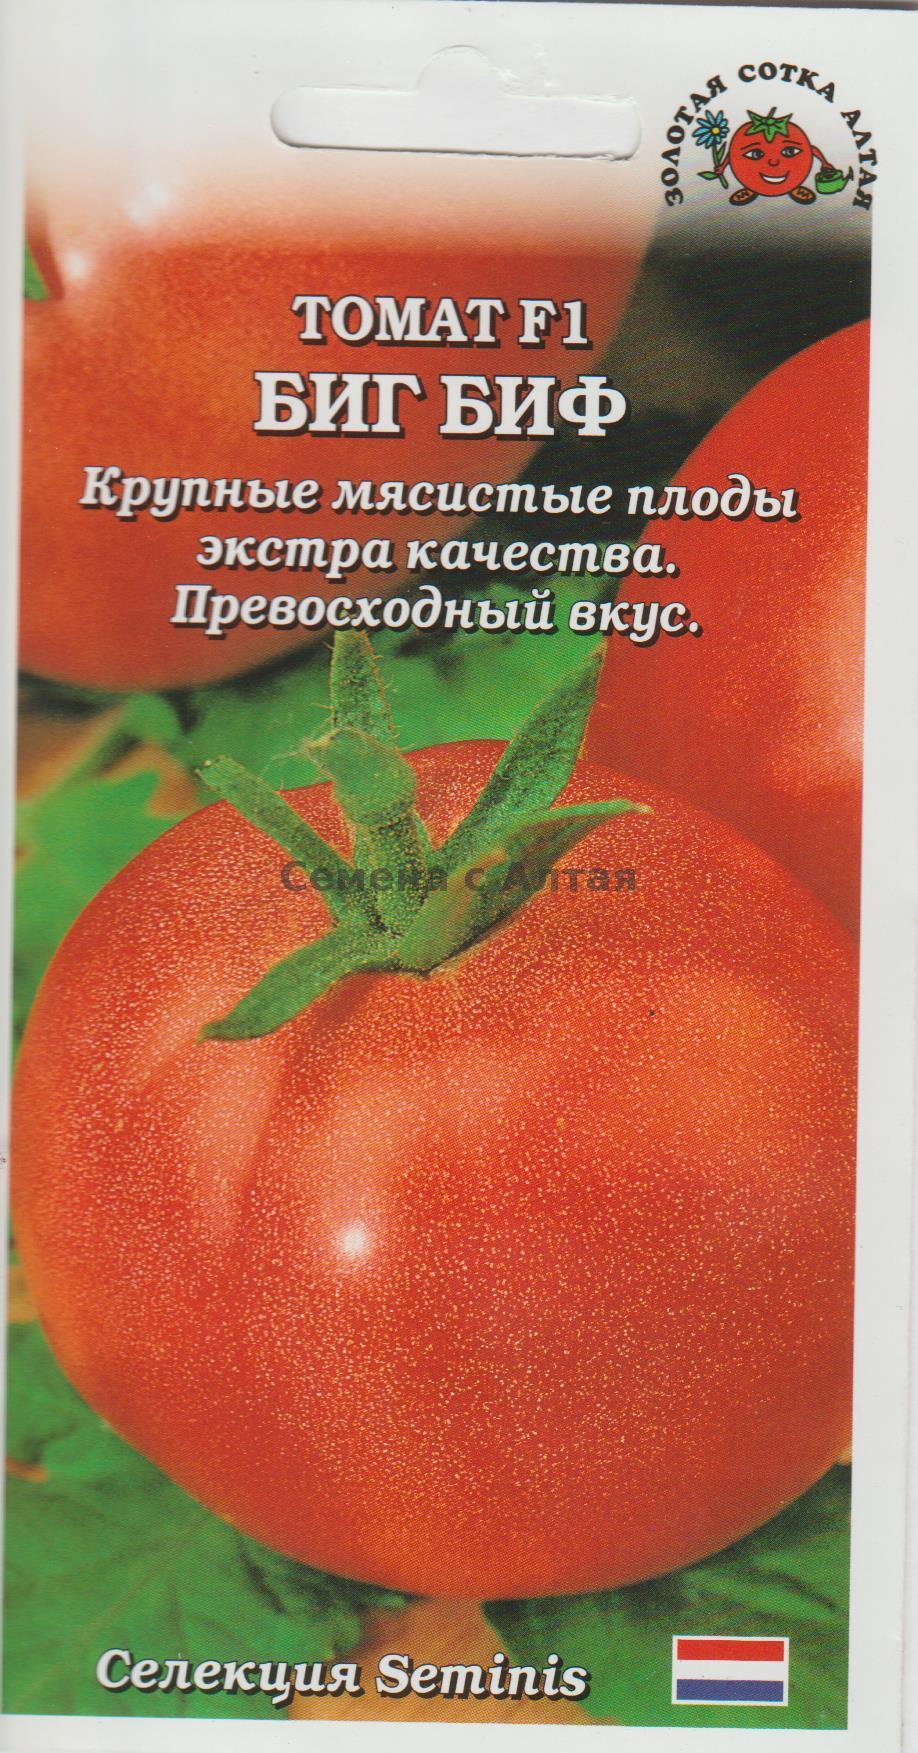 Биф томаты что это: характеристика и описание сортов